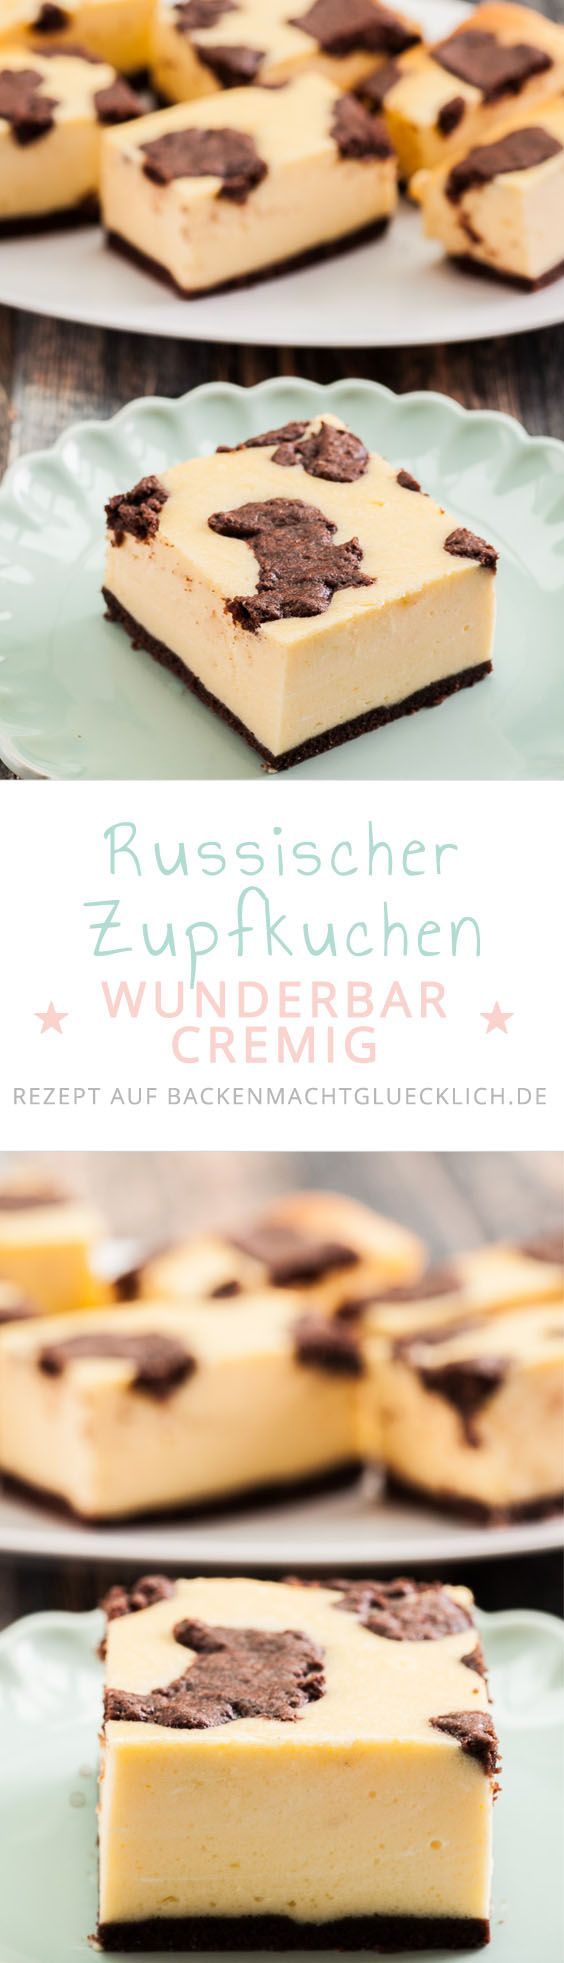 Dieses Rezept für Russischen Zupfkuchen ist einfach perfekt: Die Kombi aus cremiger Käsekuchenmasse und knusprigen Schokoladen-Streuseln schmeckt jedem! Ein toller Blechkuchen für Feiern und Geburtstage | www.backenmachtgluecklich.de